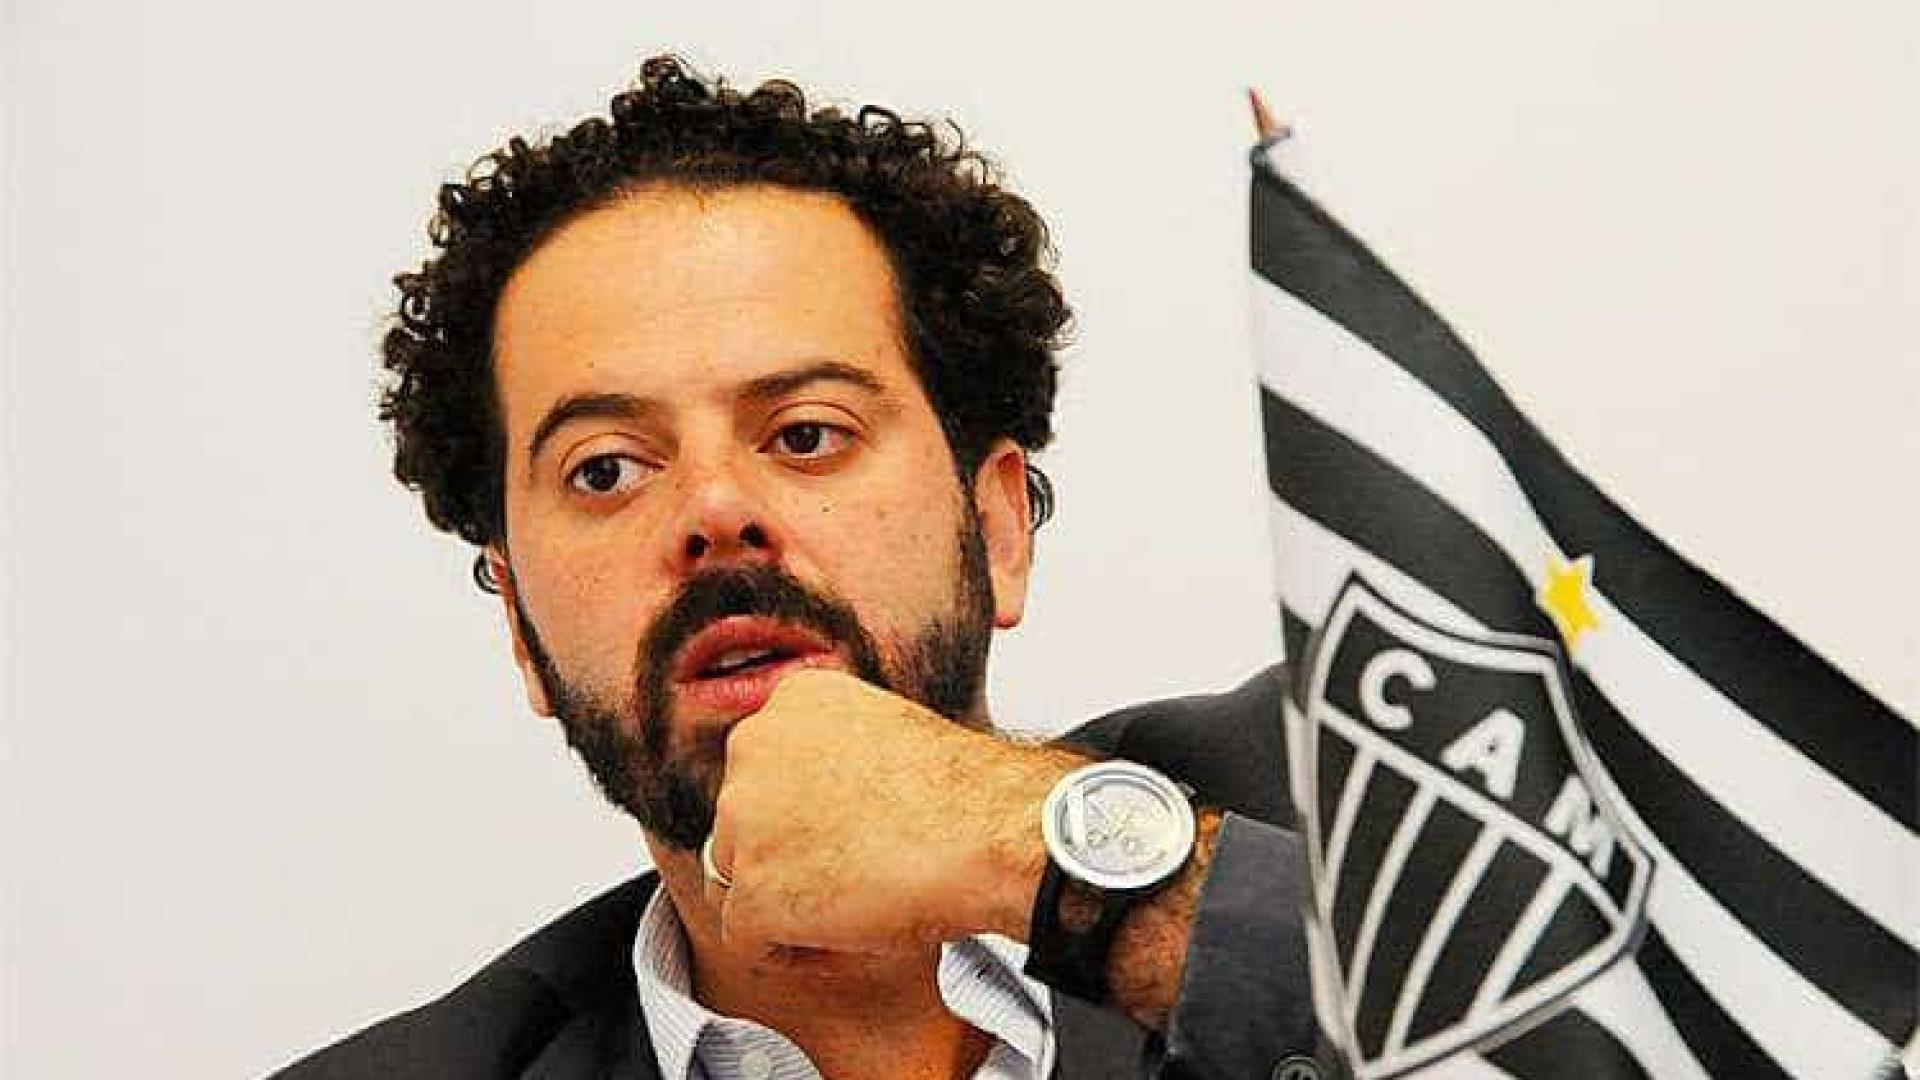 Presidente do Atlético-MG ataca jogadores: 'Acabou a brincadeira'